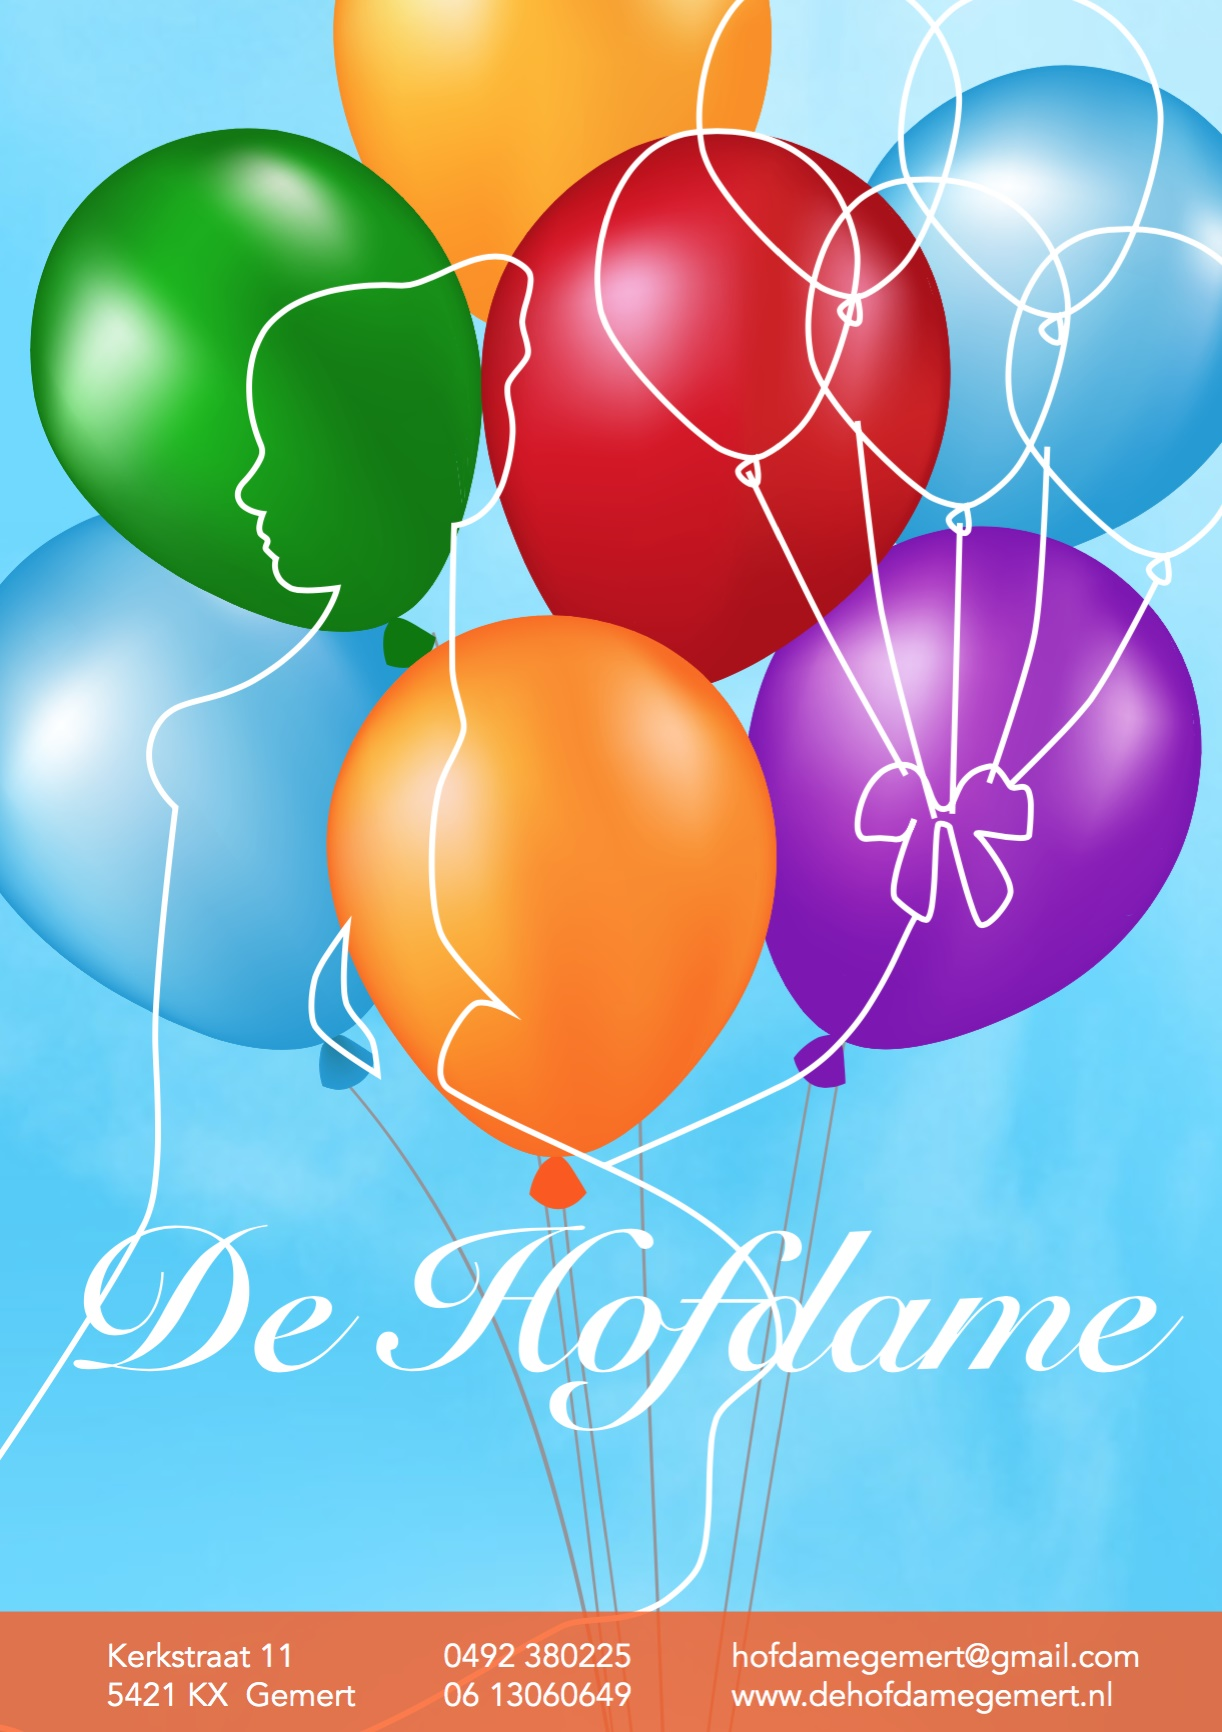 De Hofdame